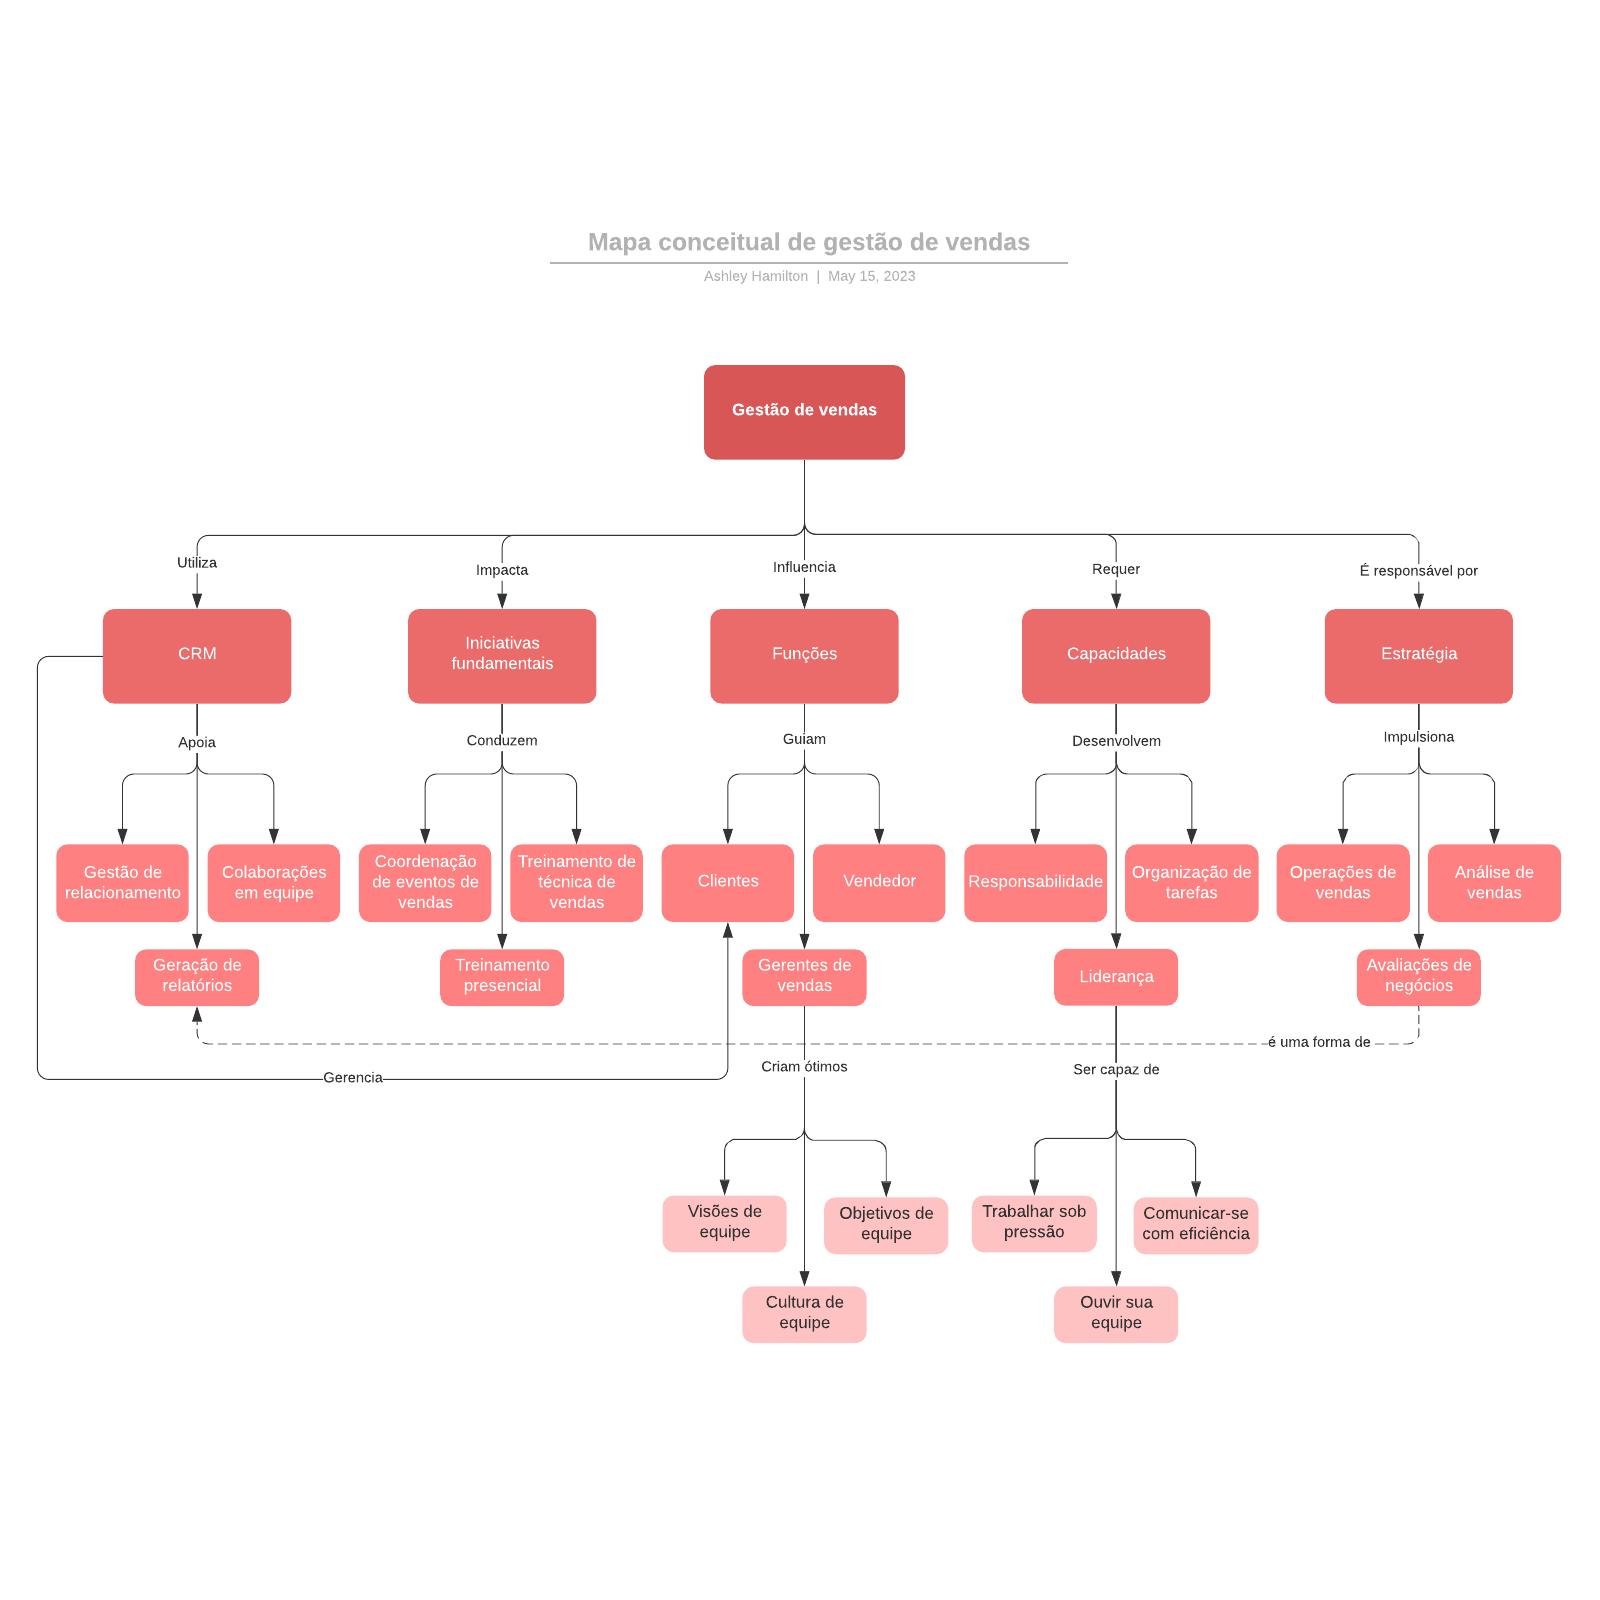 Mapa conceitual de plano de vendas